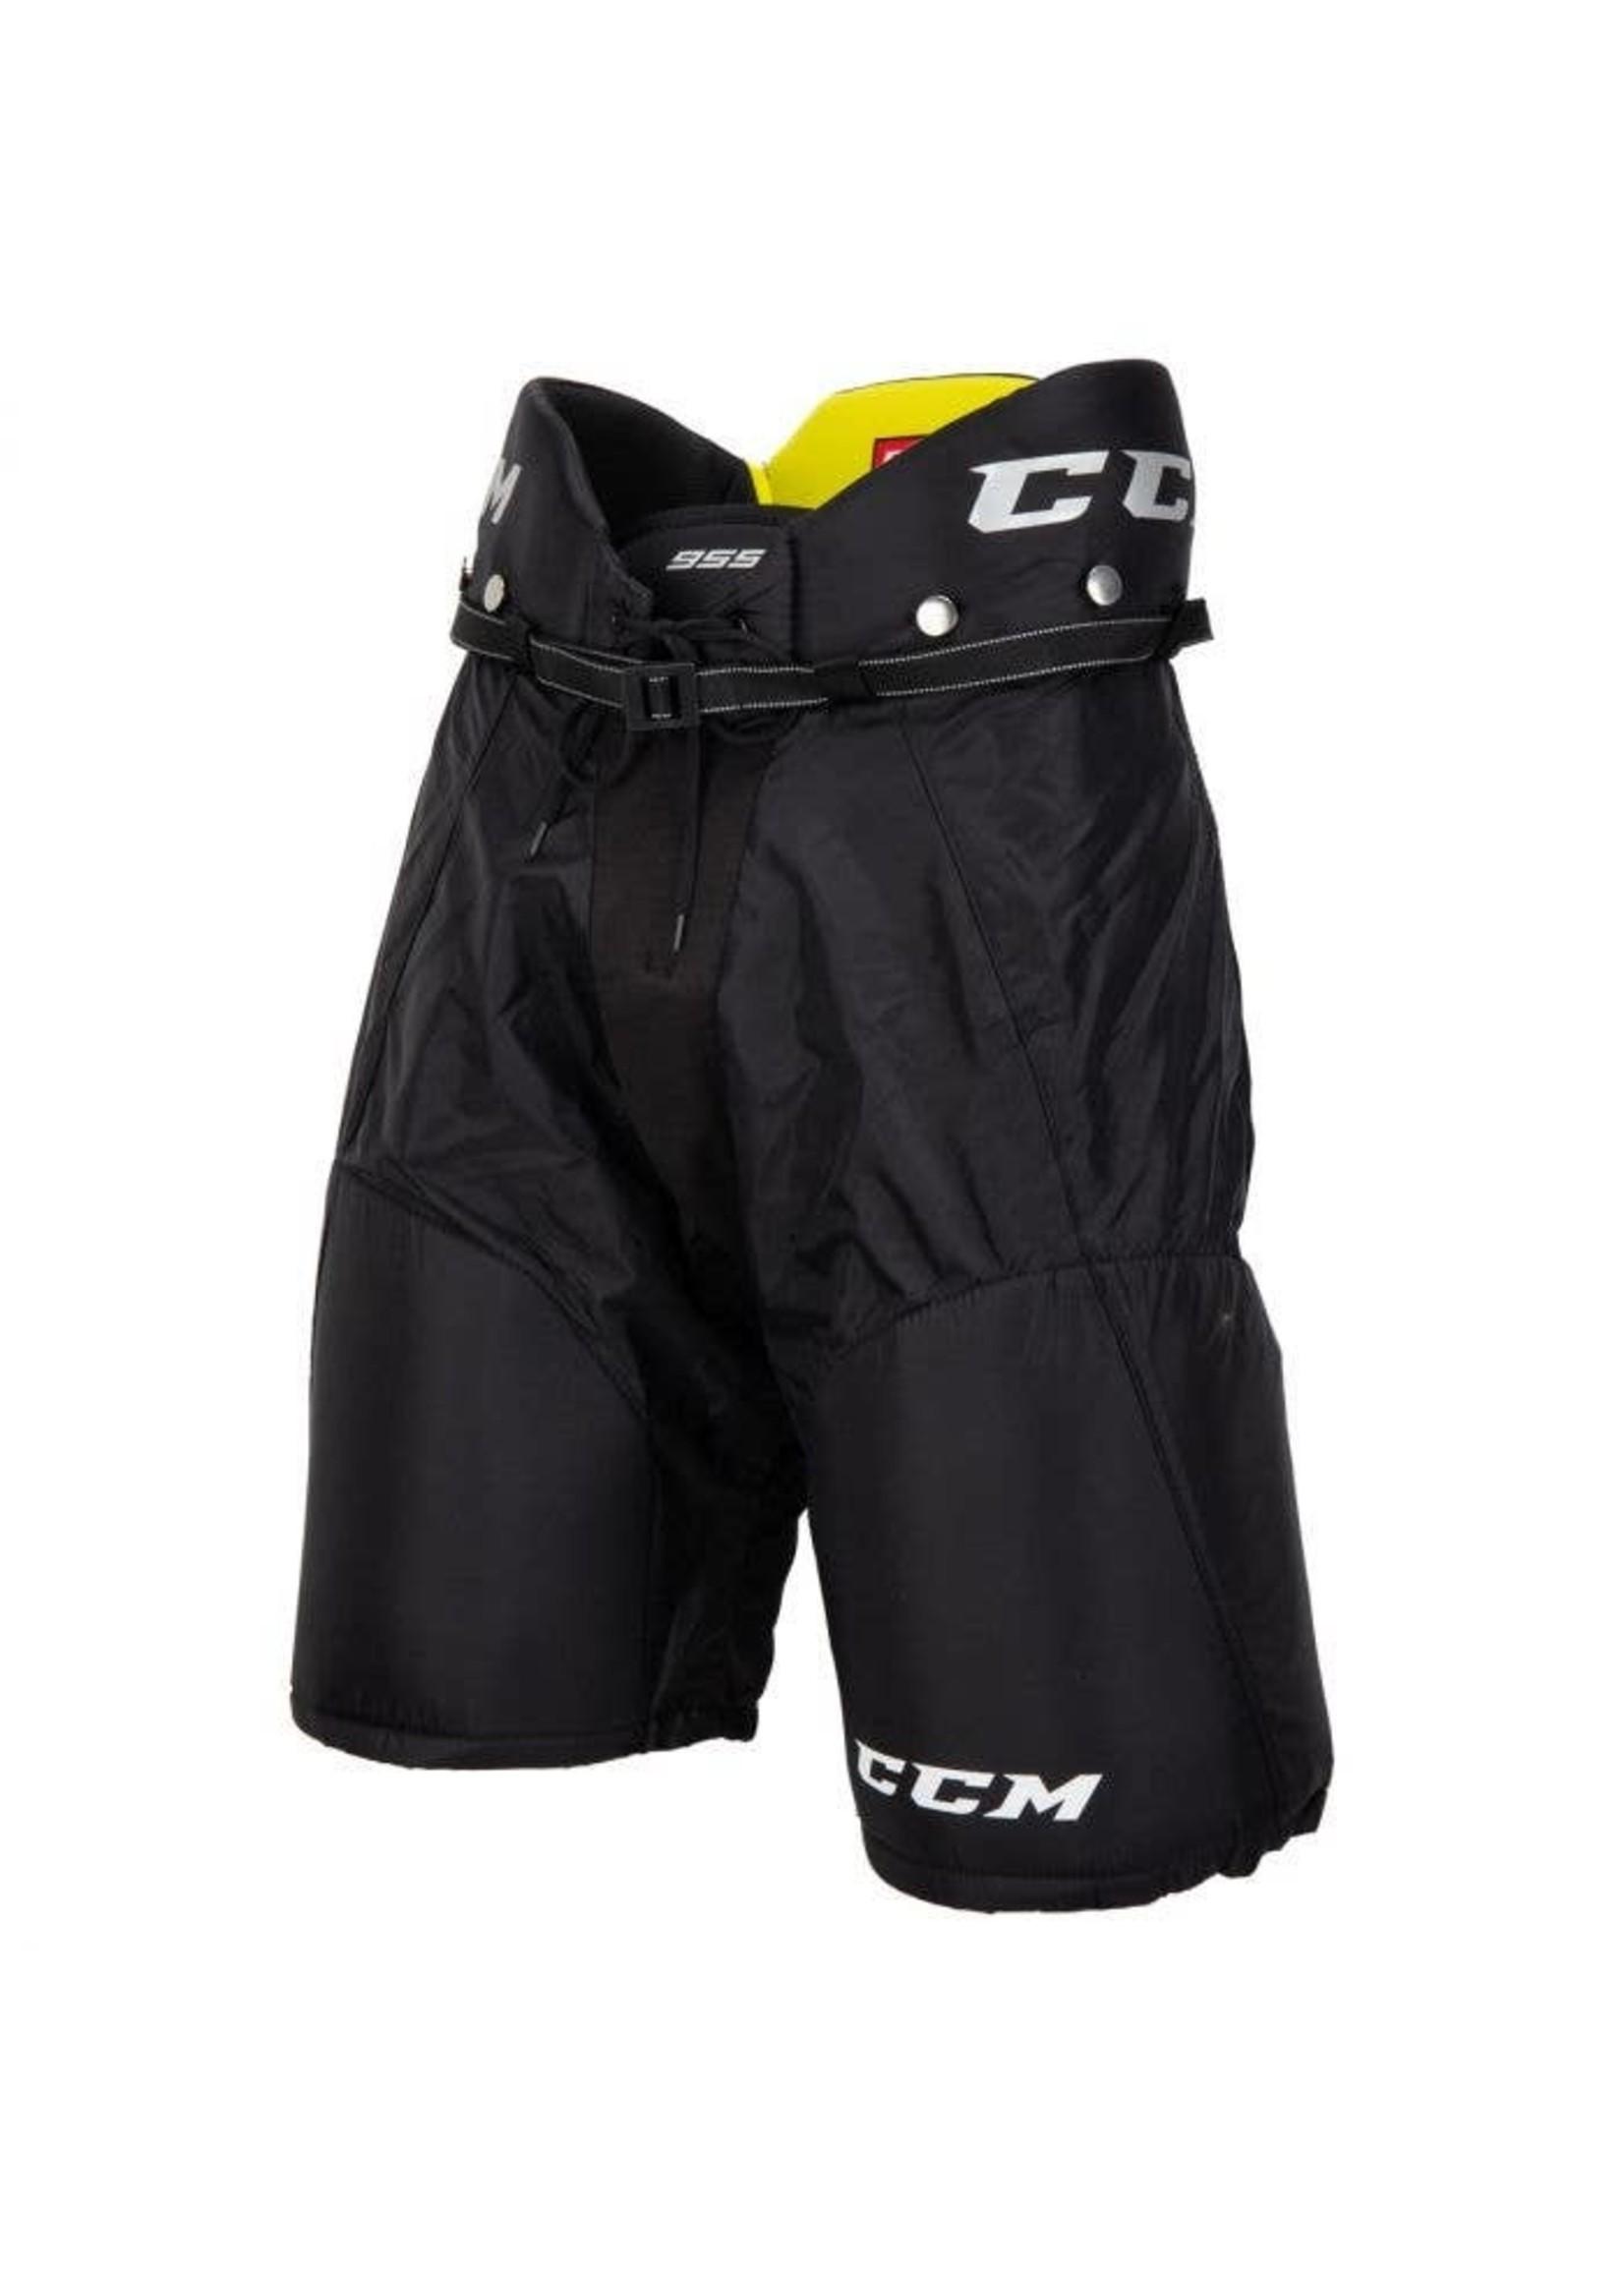 CCM Hockey CCM TACKS 9550 SR HOCKEY PANTS